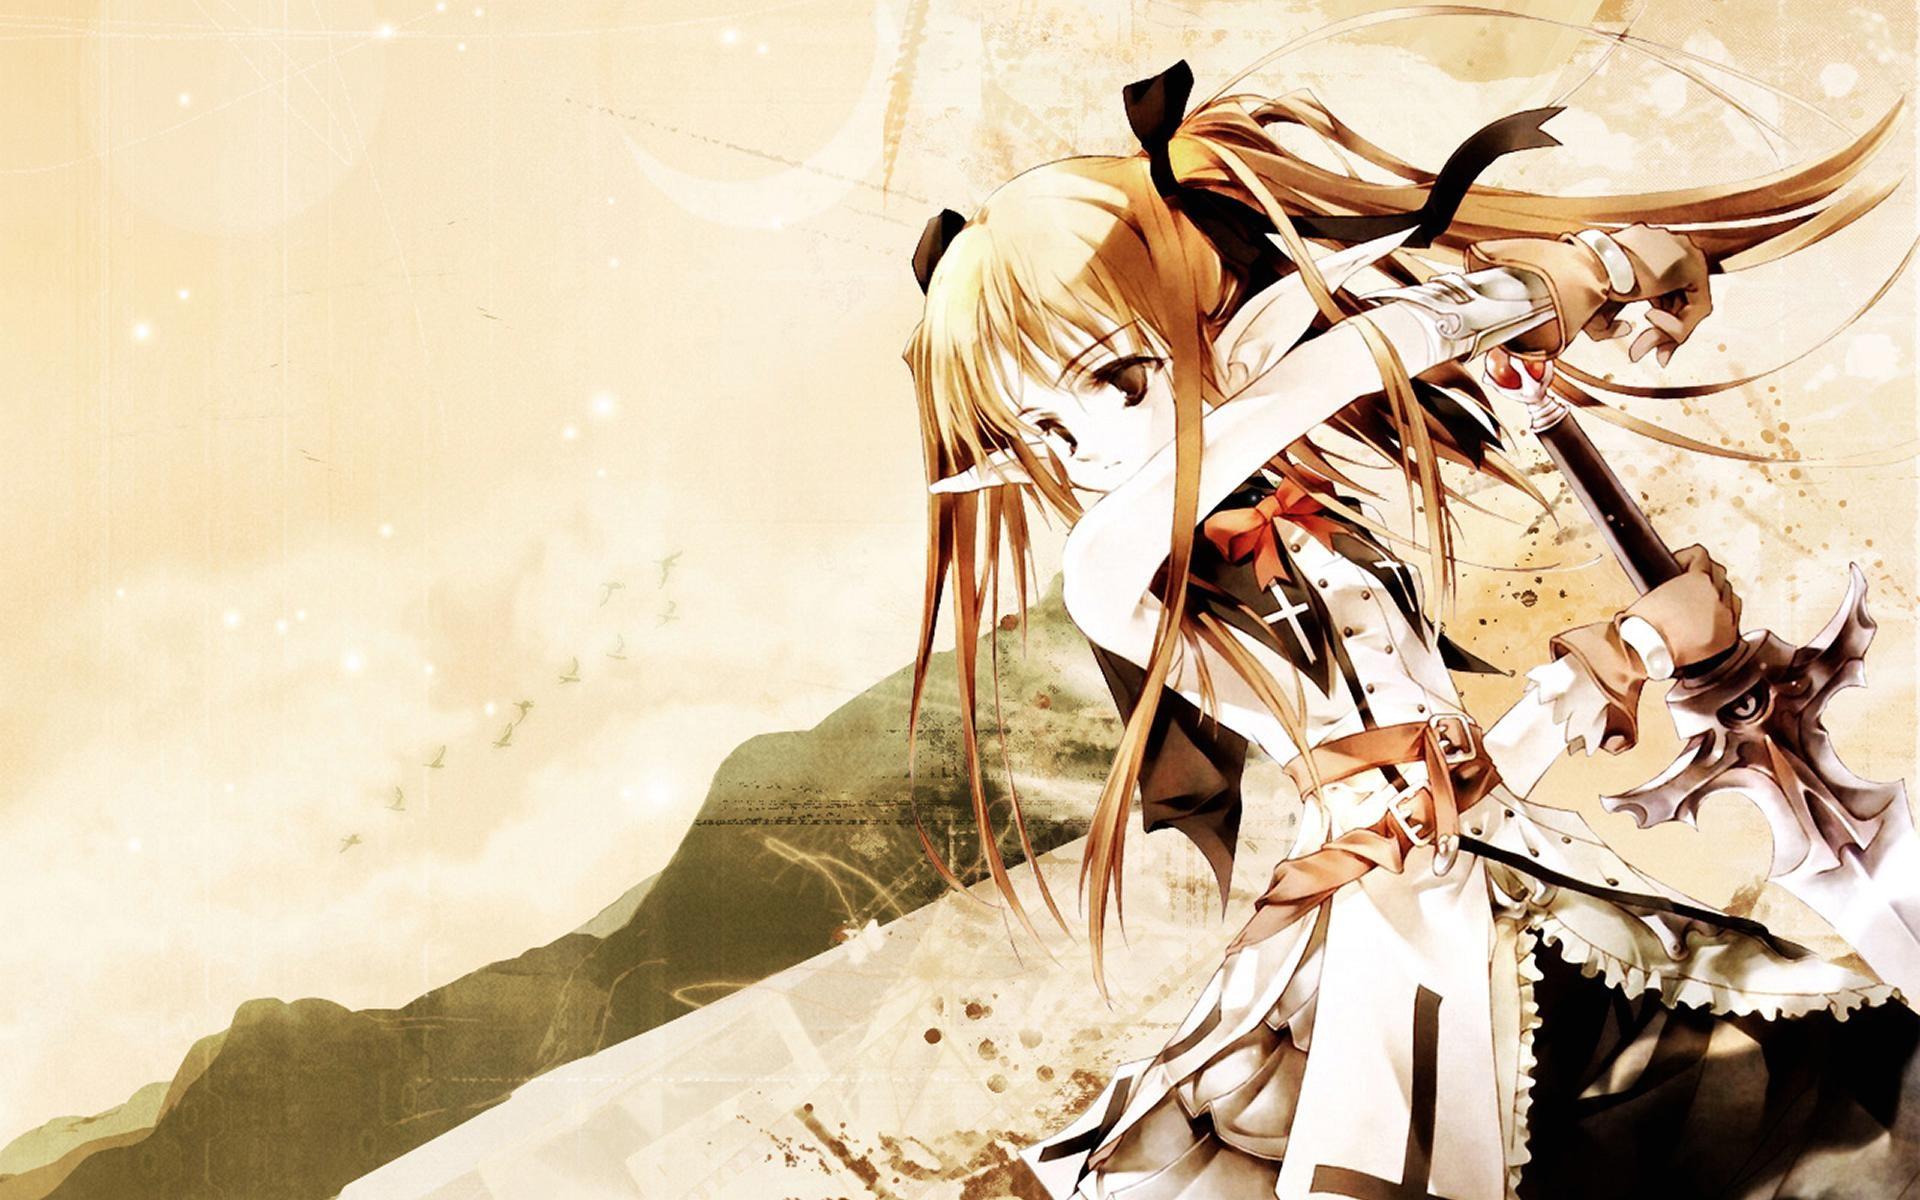 Japanese Anime Female Warrior | Wallpaper warrior girl anime